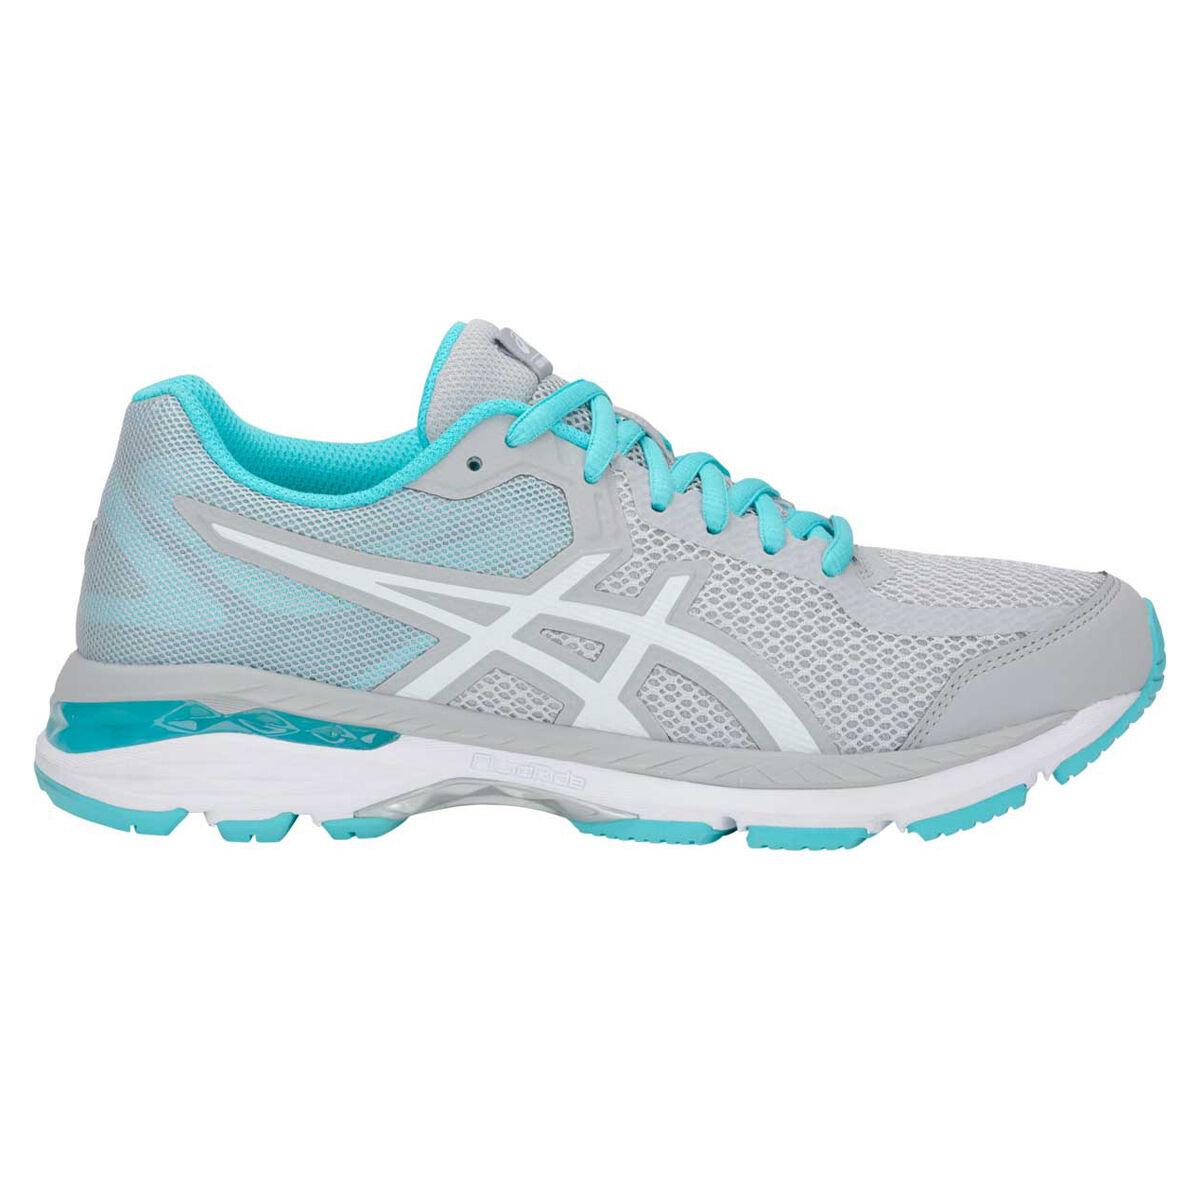 Asics GEL Glyde 2 Womens Running Shoes